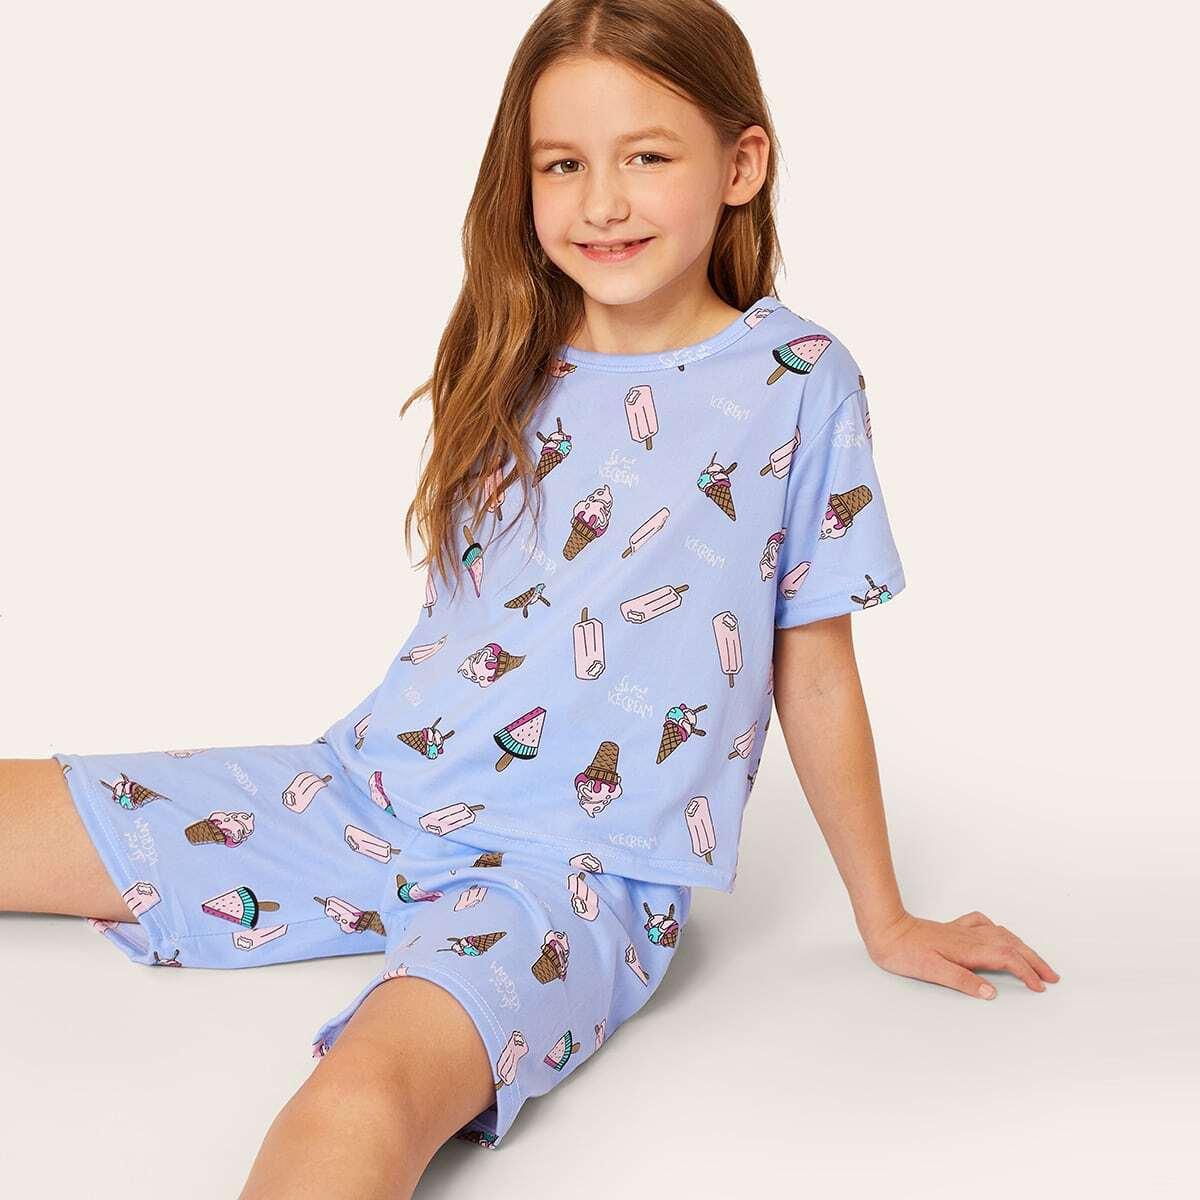 Пижама комплект с графическим принтом для девочек